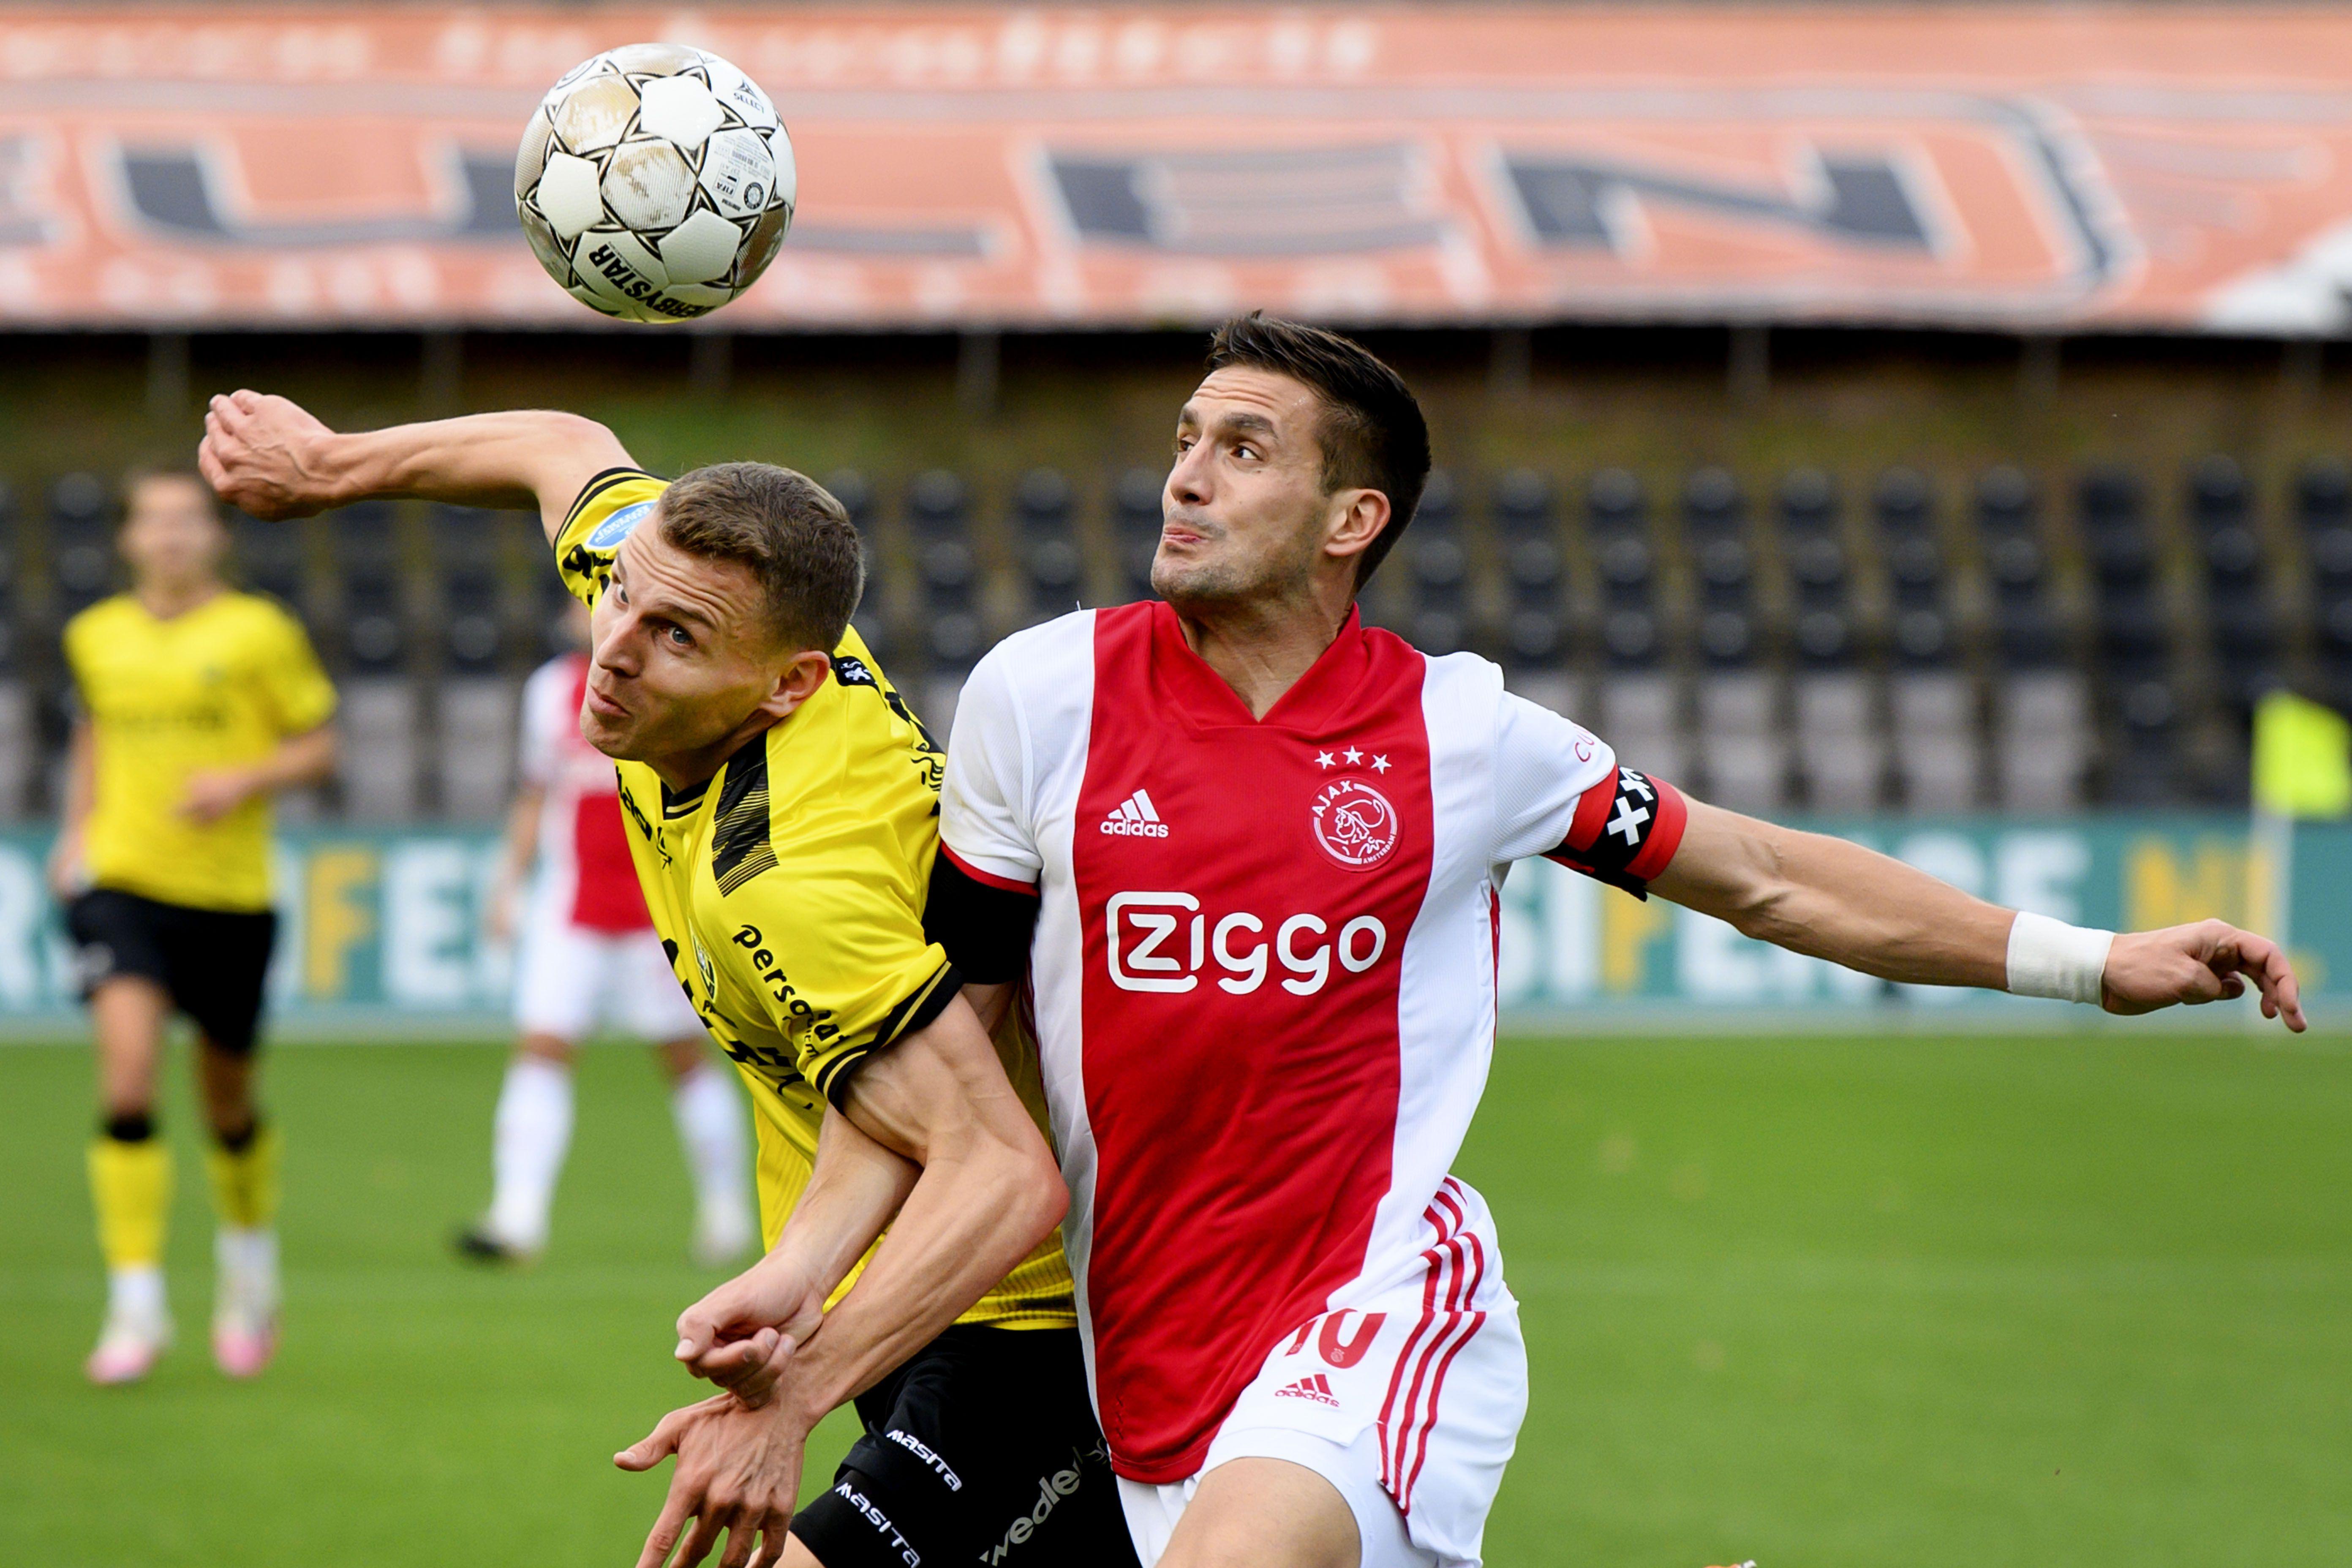 Nincs annyi gombóc, ahányat az Ajax rúgott a VVV-Venlónak